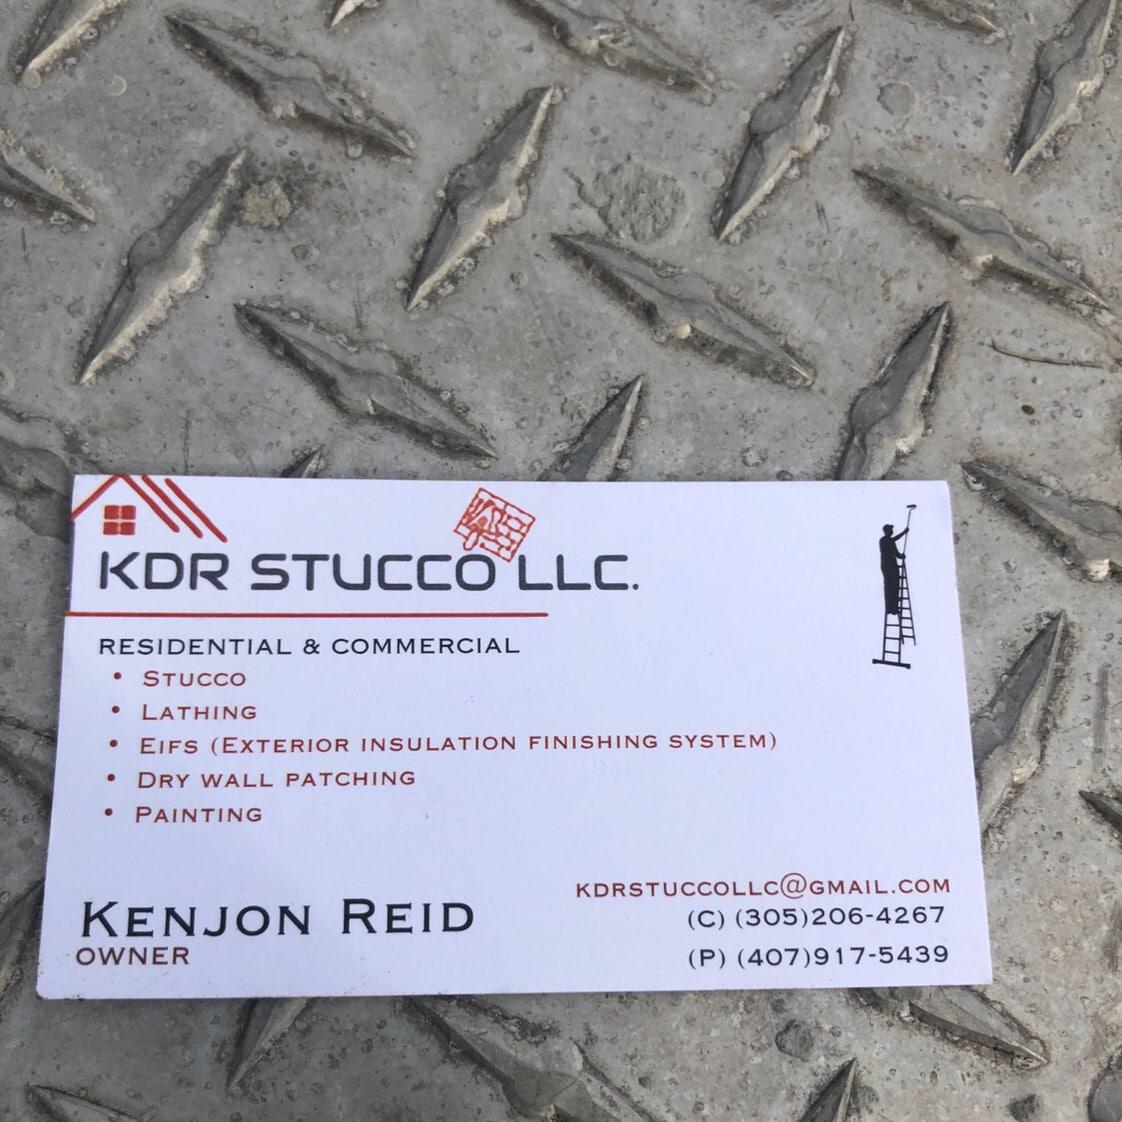 KDR Stucco